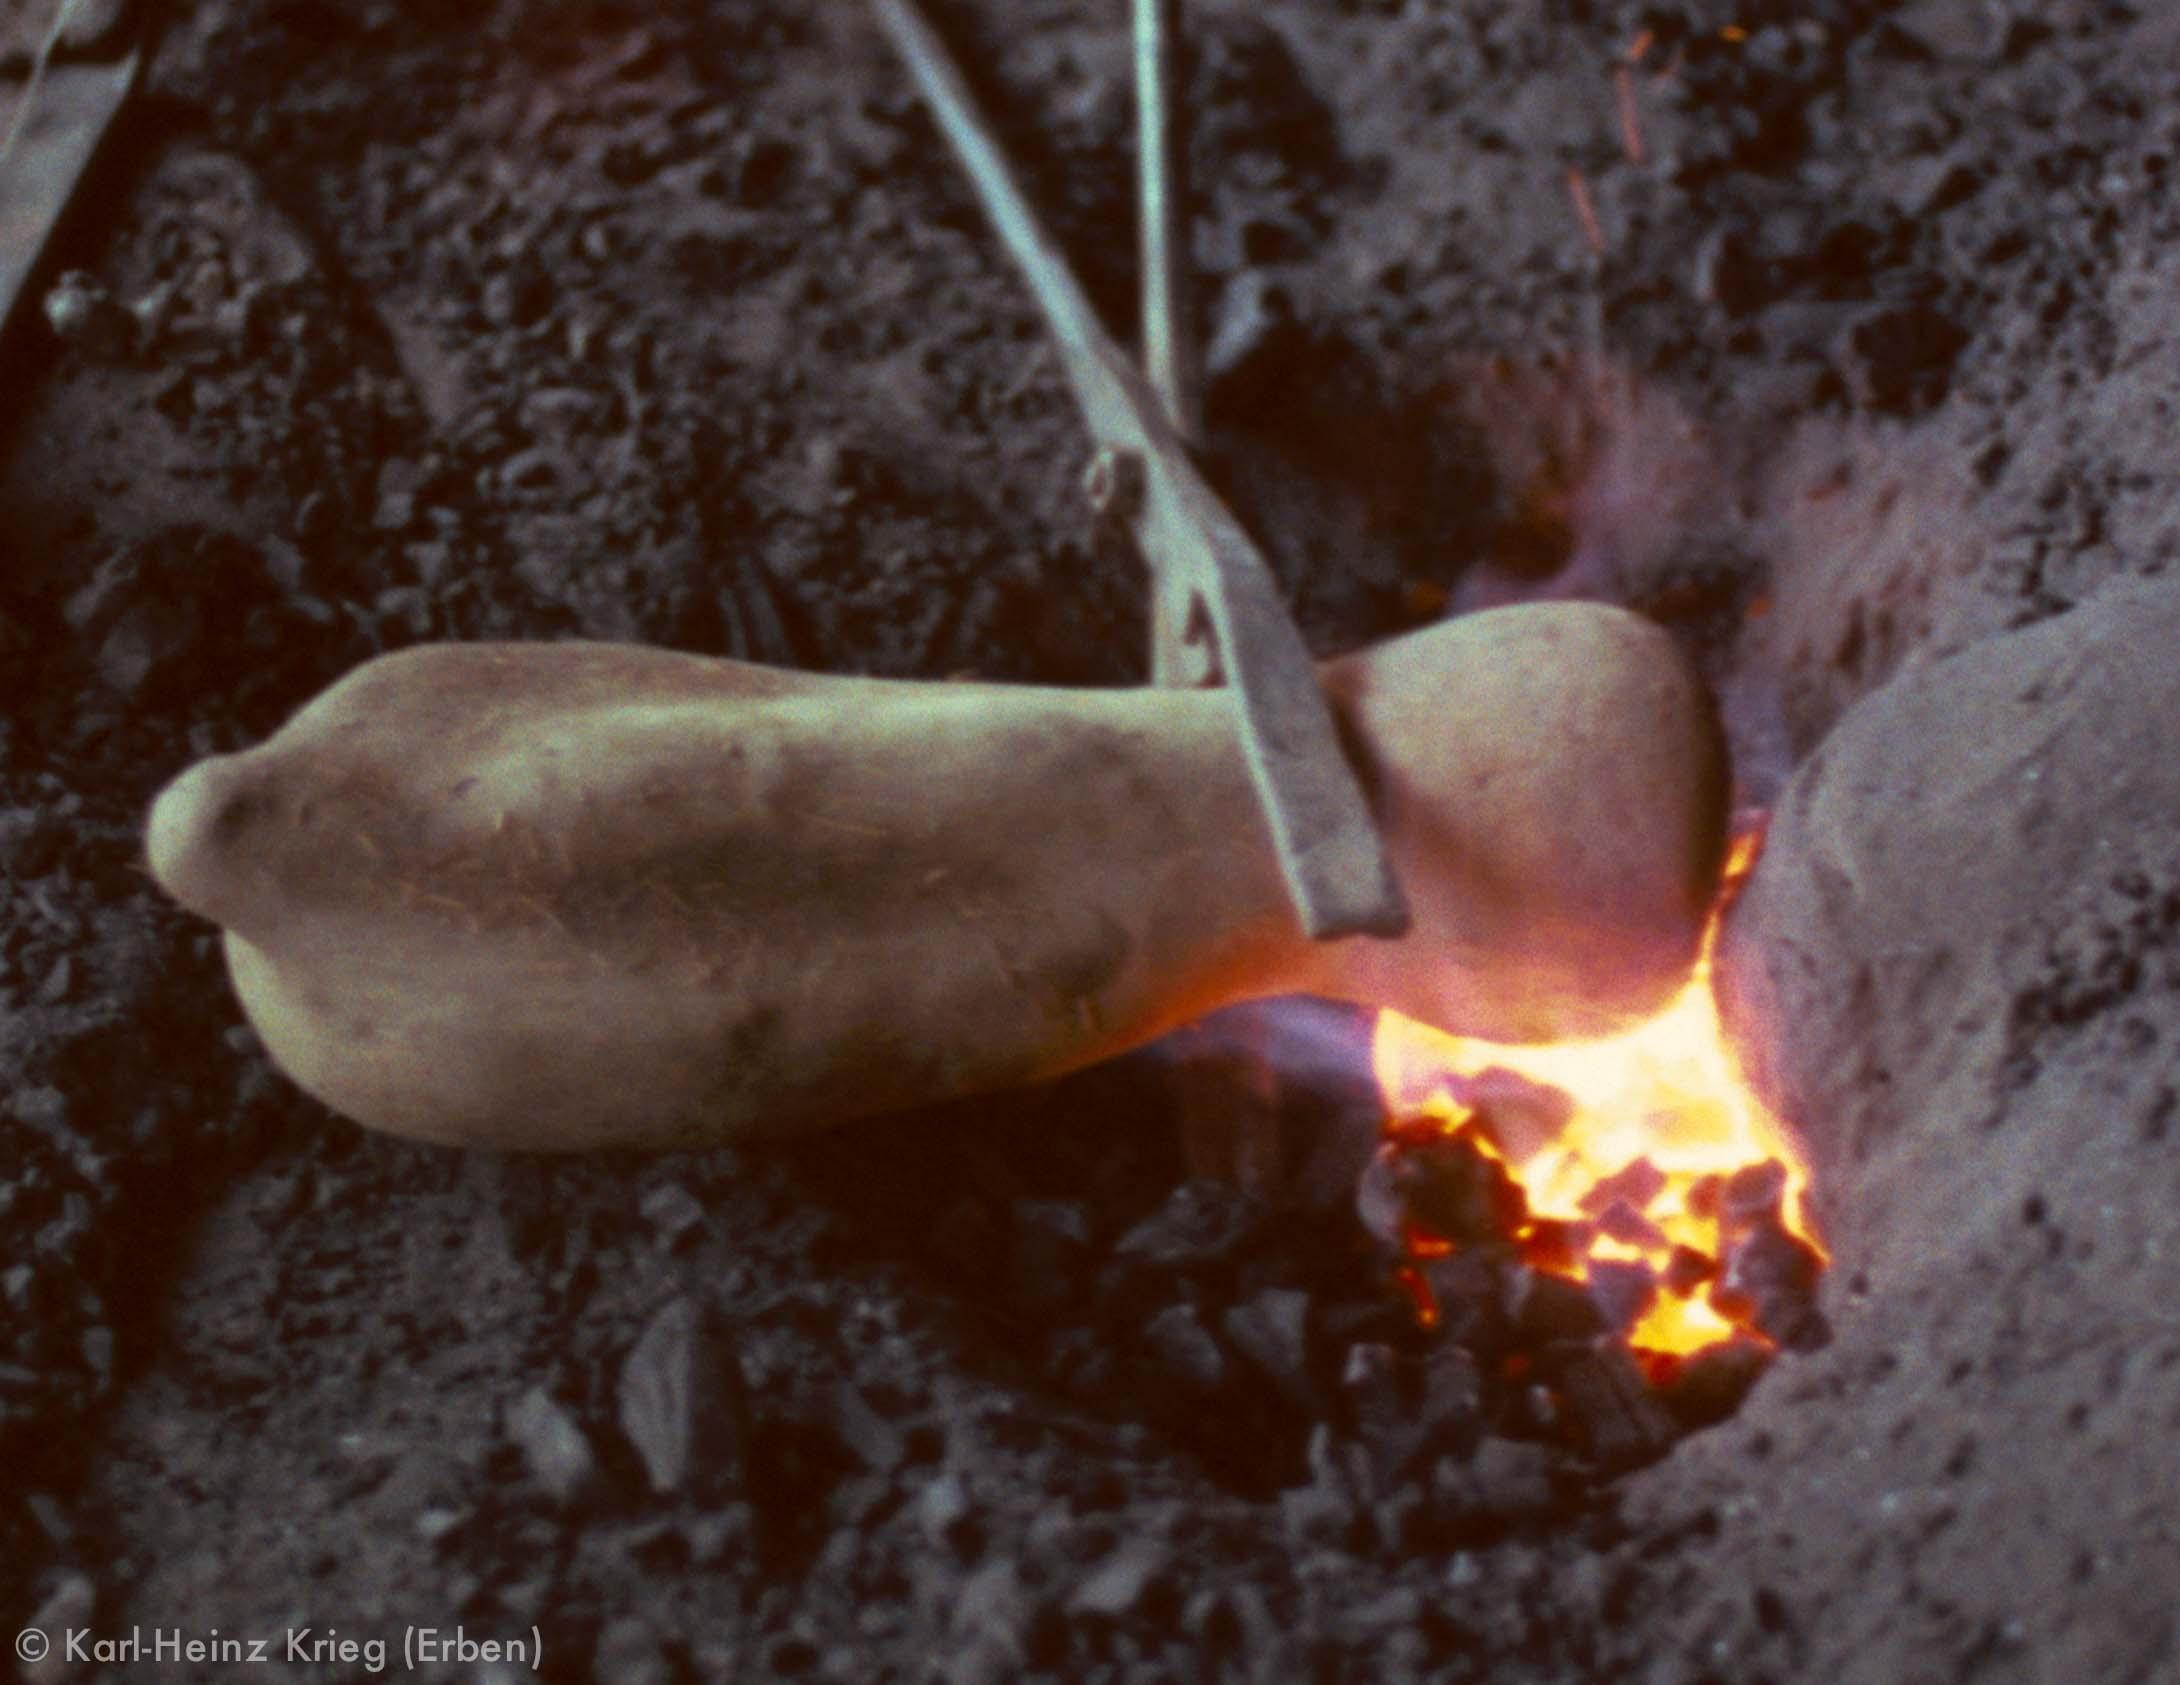 Herstellung einer Gussform für eine Bronzemaske. Der Lehmmantel, in dem sich ein Maskenmodell aus Wachs befindet, wird erhitzt. Foto: Karl-Heinz Krieg, Gbon (Region von Boundiali, Côte d'Ivoire), 1978